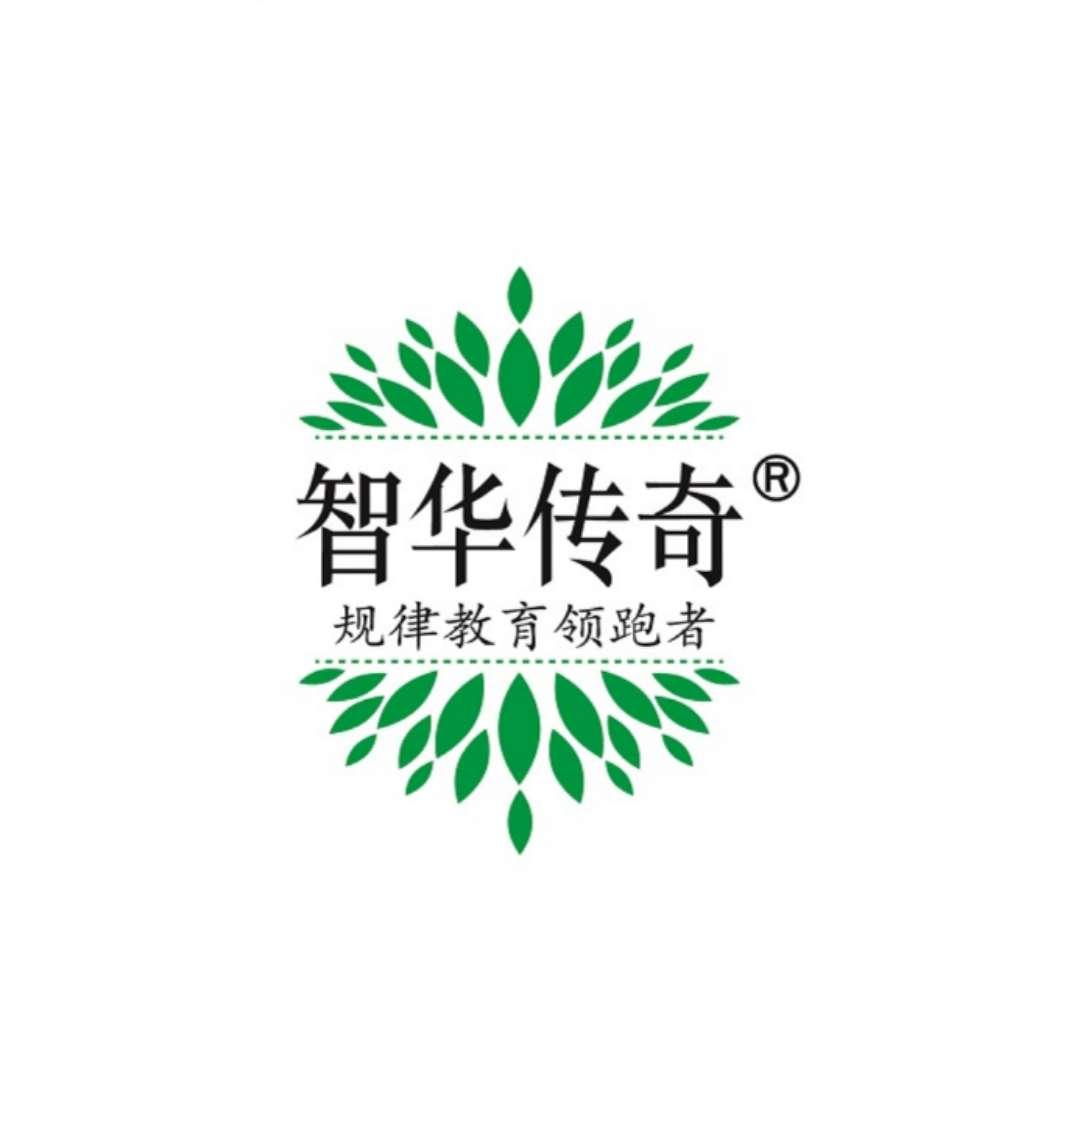 洛陽智慧華達文化傳播有限公司